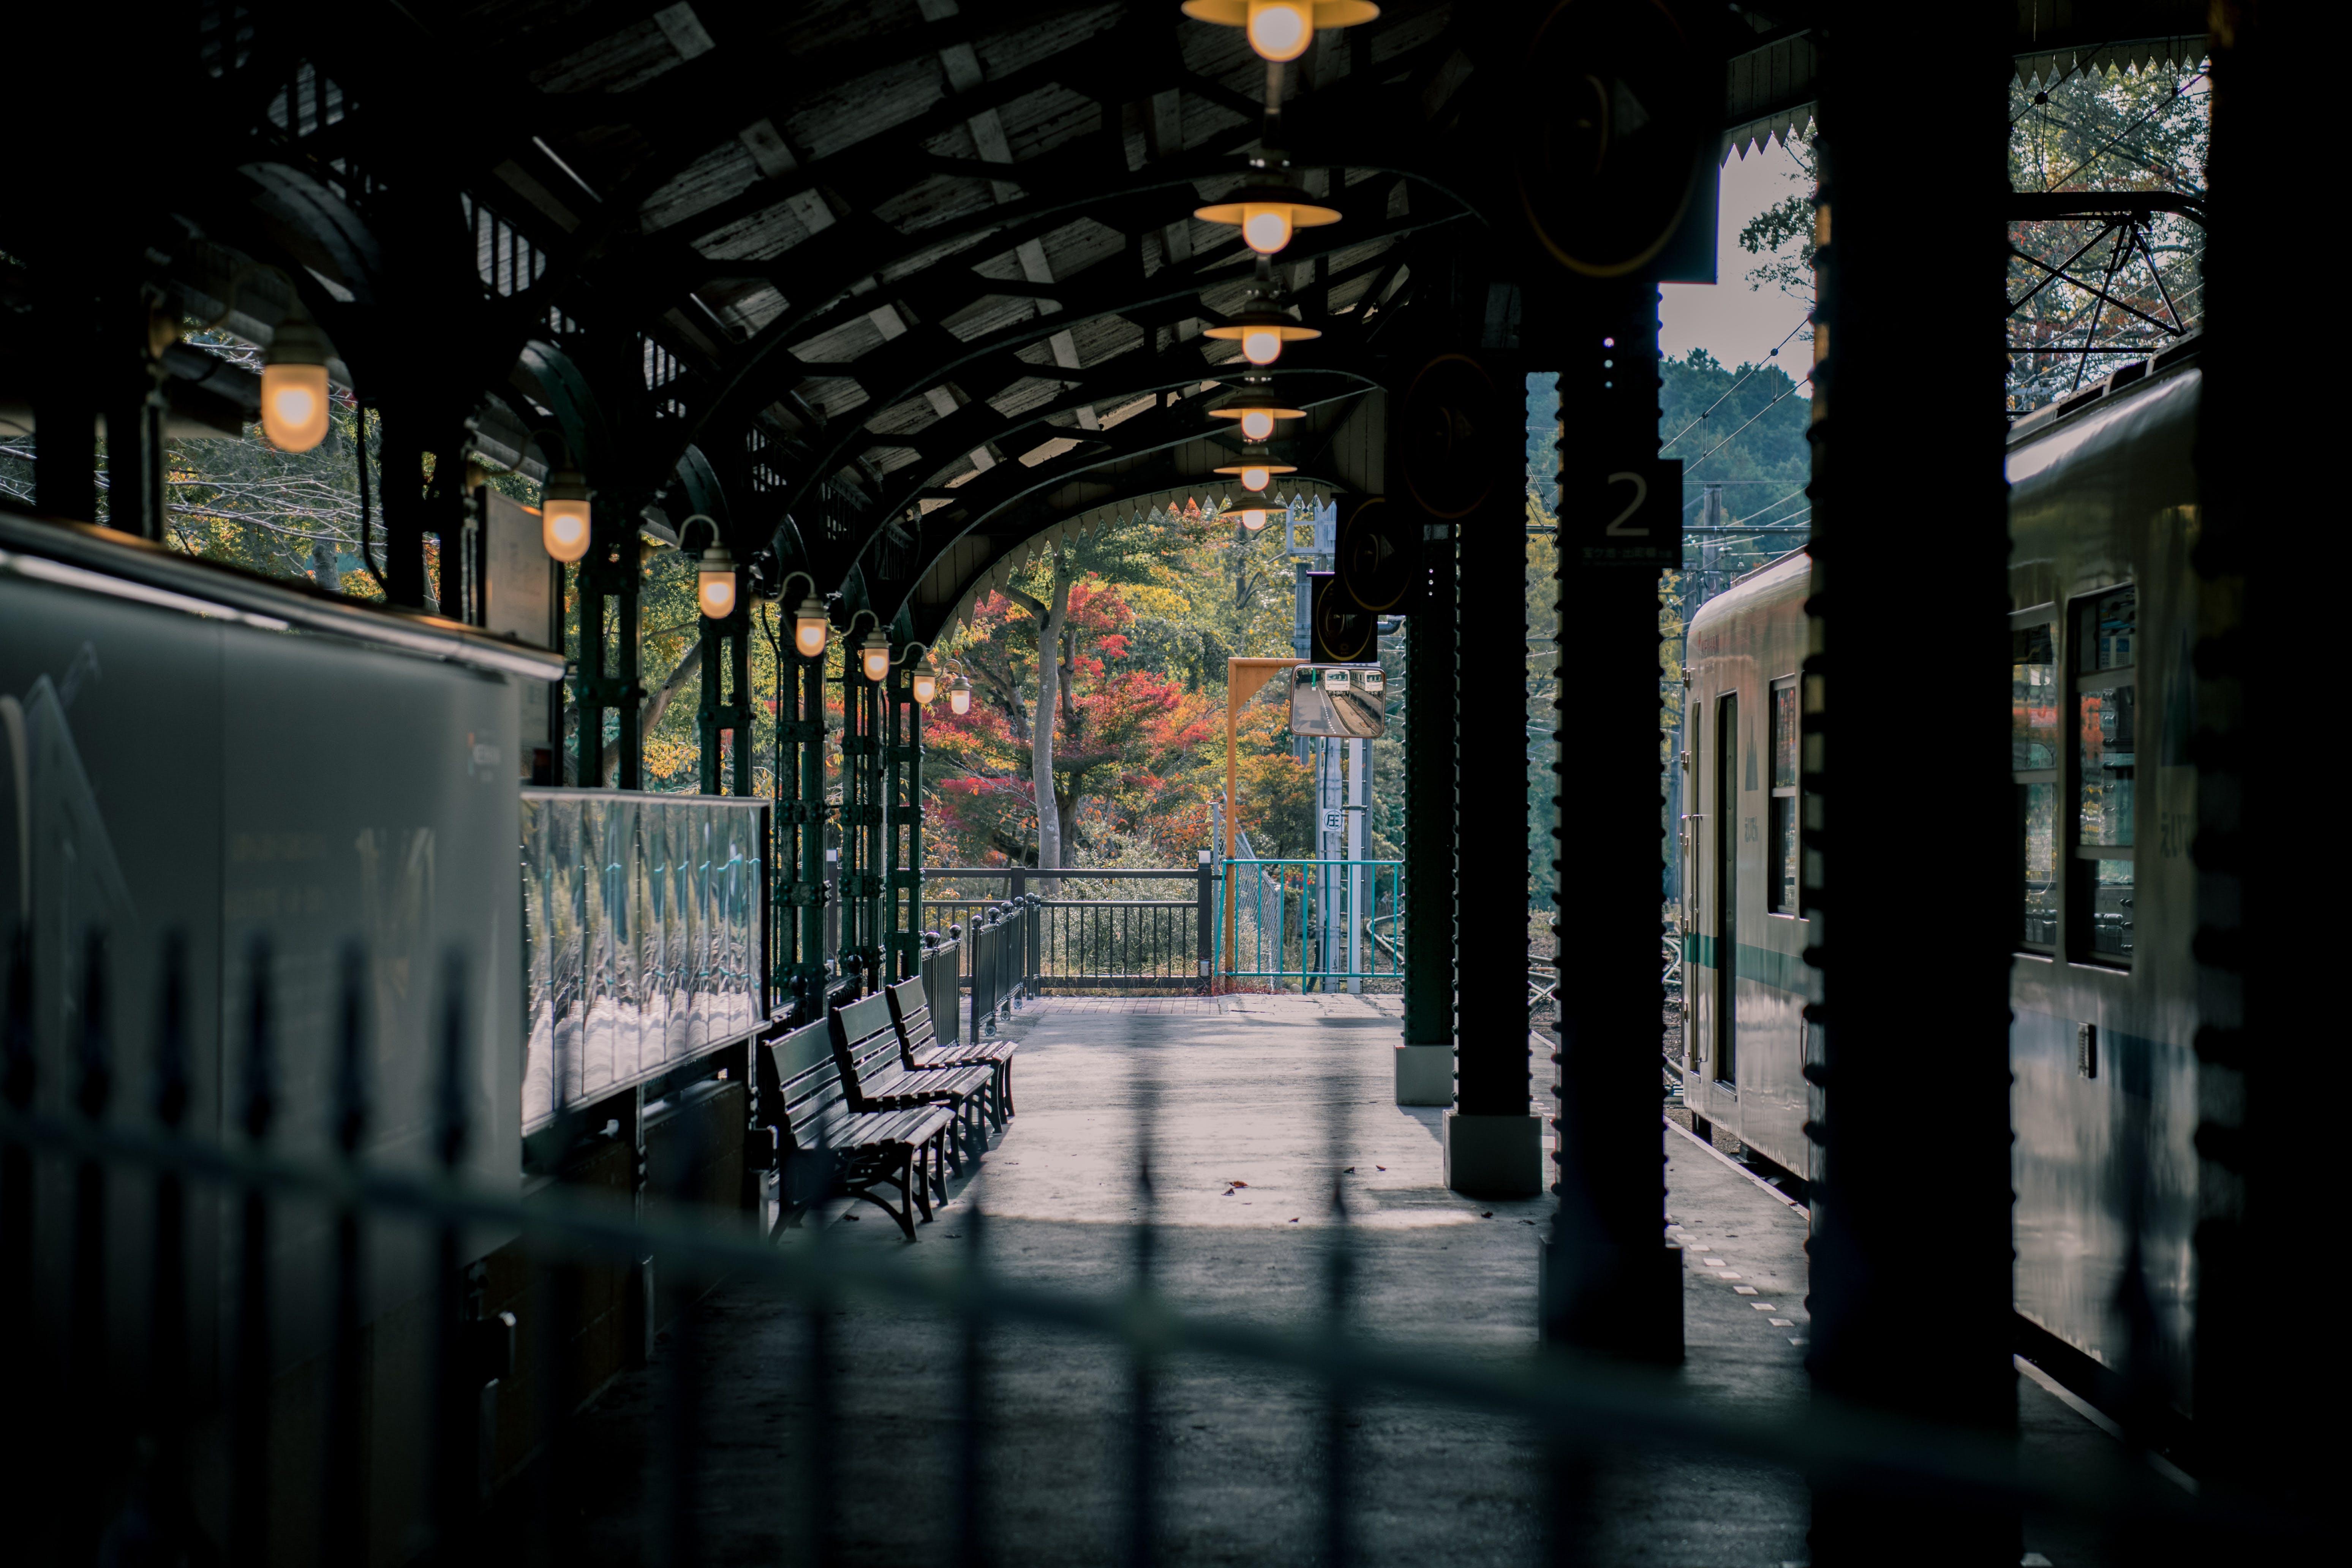 antrenman yaptırmak, boş, istasyon, metro sistemi içeren Ücretsiz stok fotoğraf